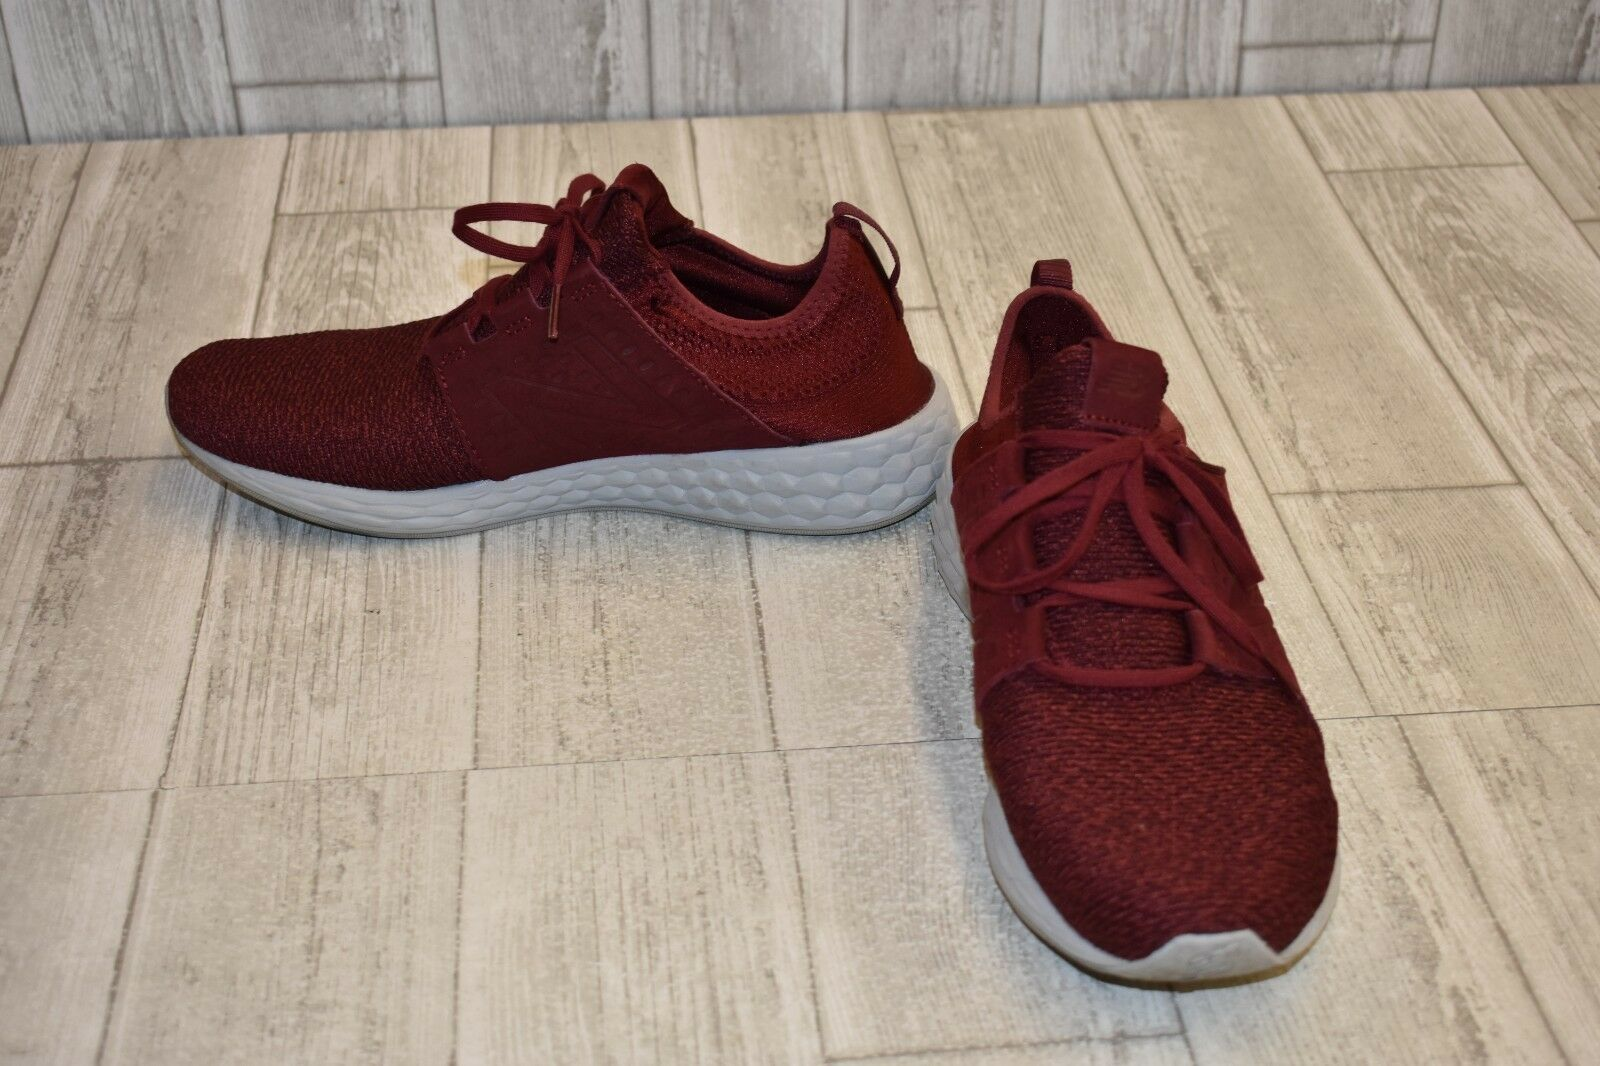 New Balance Fresh Foam Cruz v2 Knit Sneaker-Men's Size 11.5 Maroon